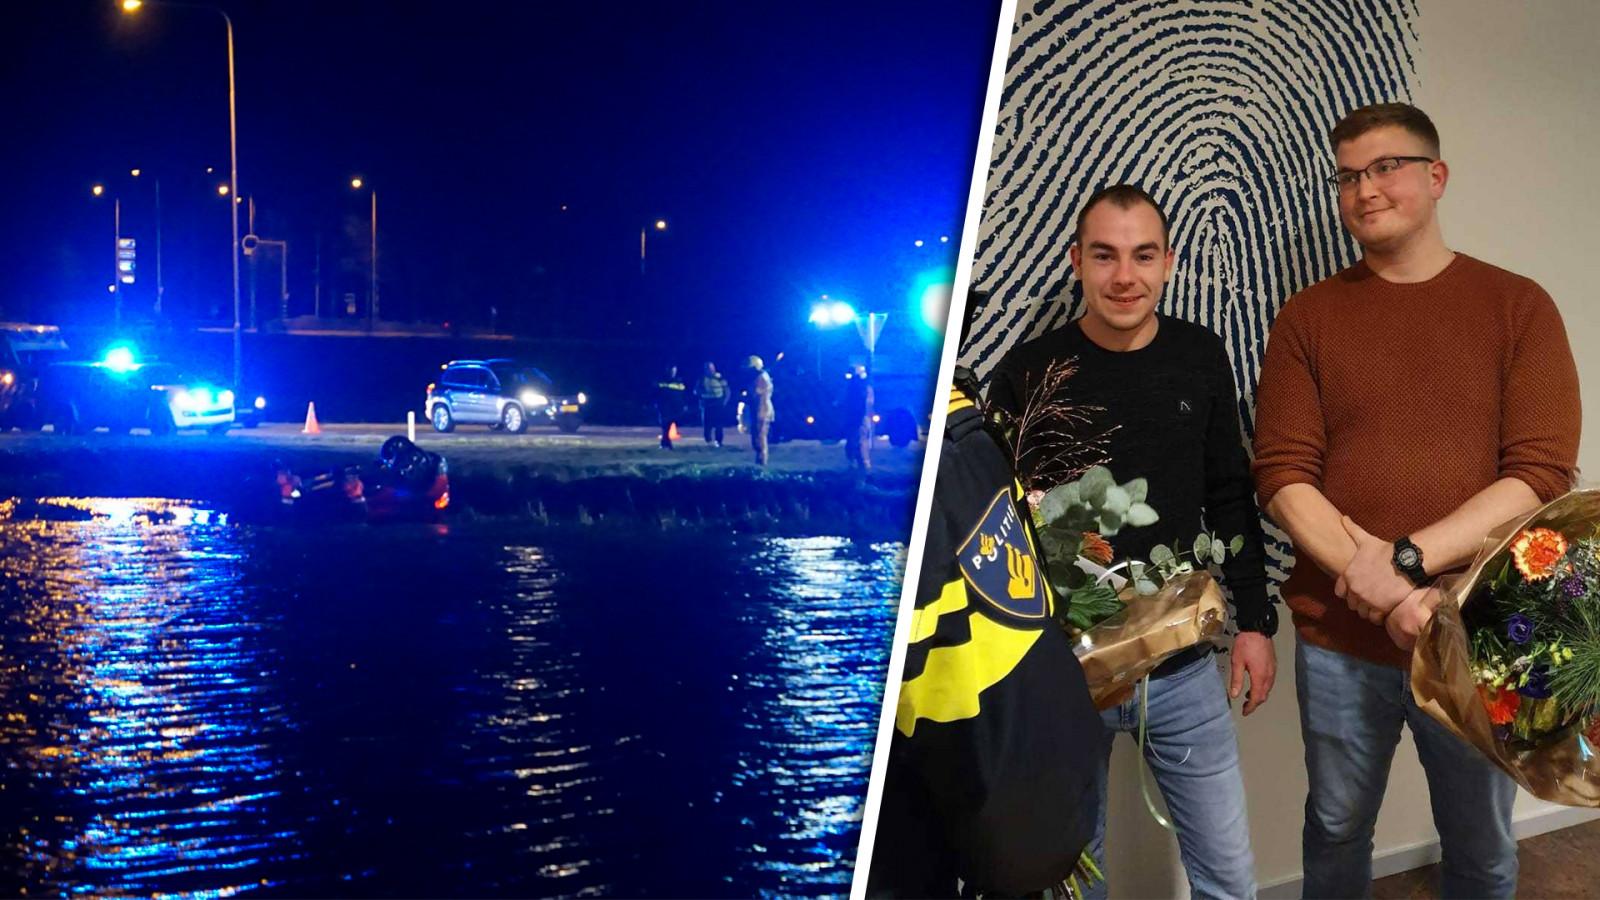 Politie prijst mannen voor heldhaftige reddingsactie na ongeluk in Schagen.